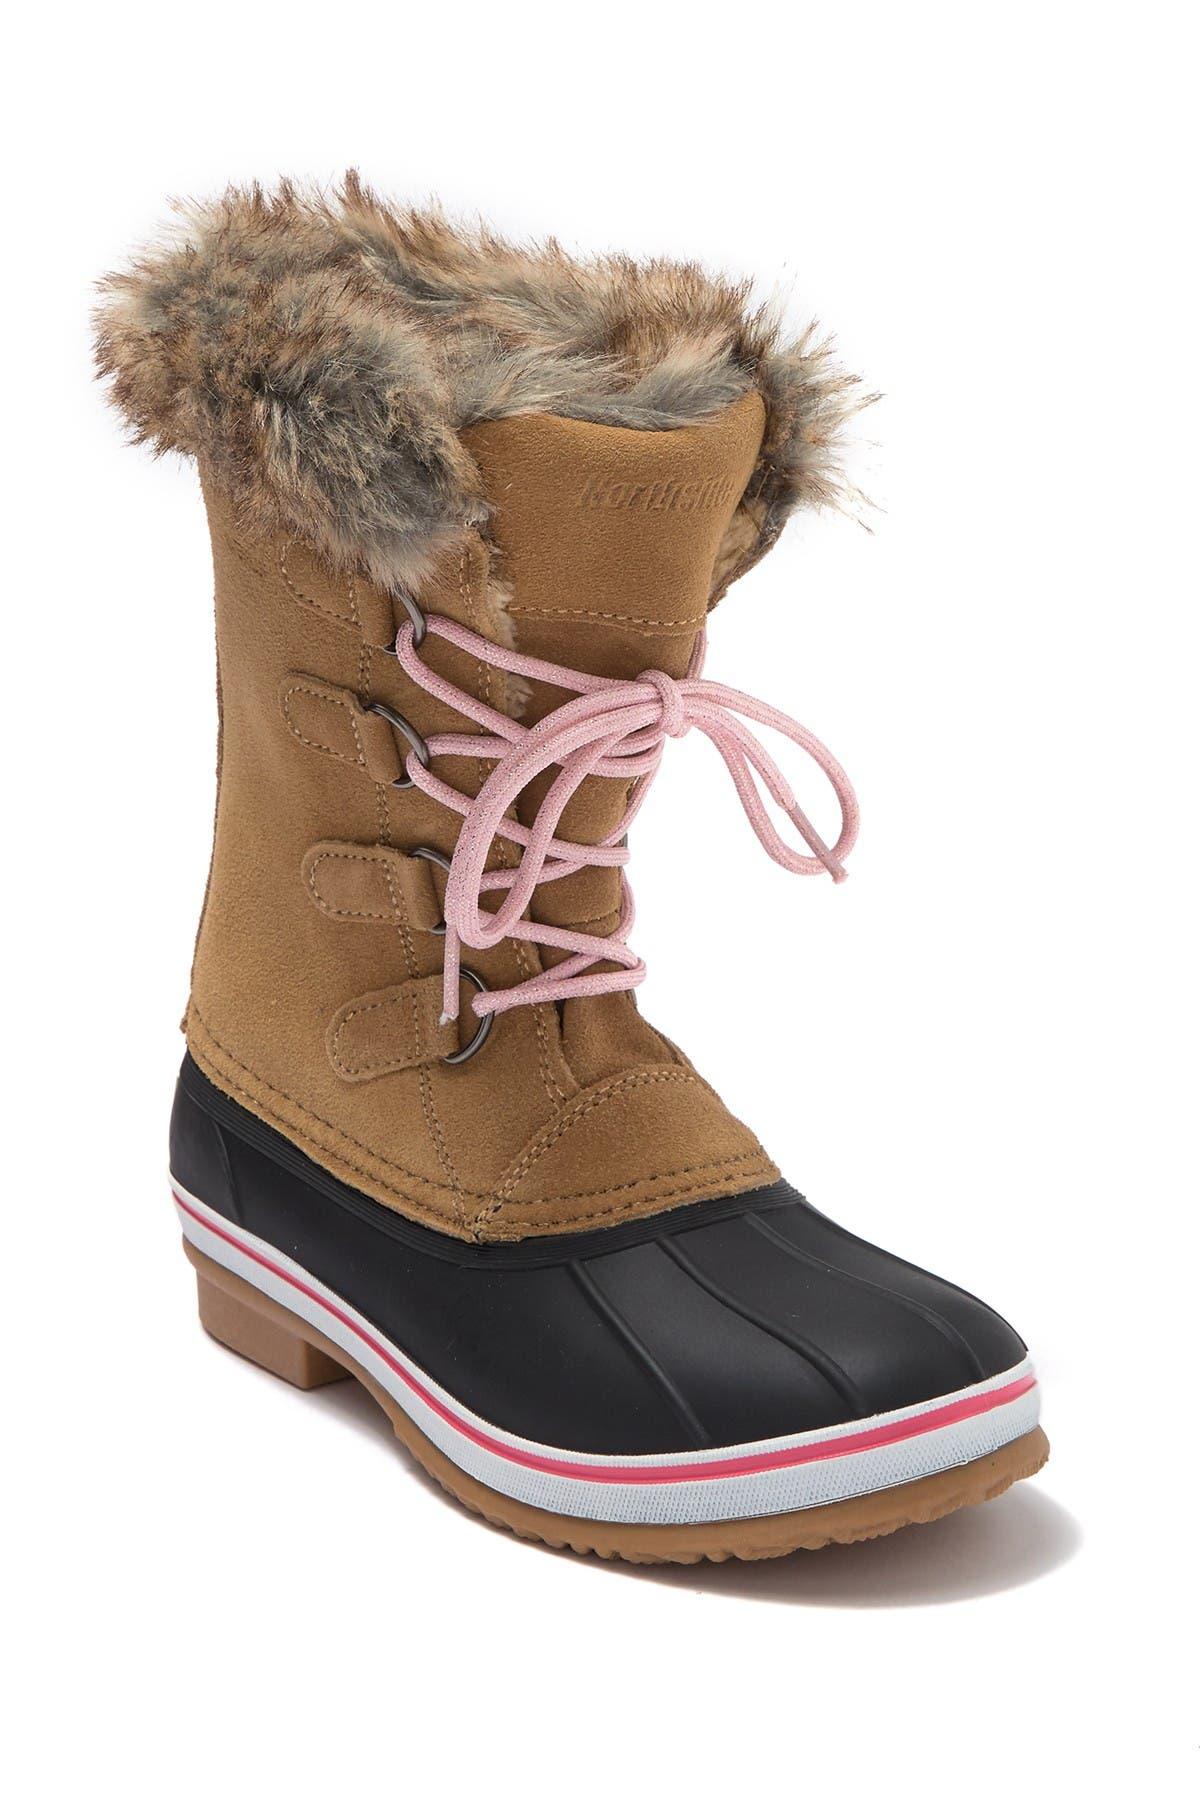 Image of NORTHSIDE Kathmandu Waterproof Suede Faux Fur Winter Boot